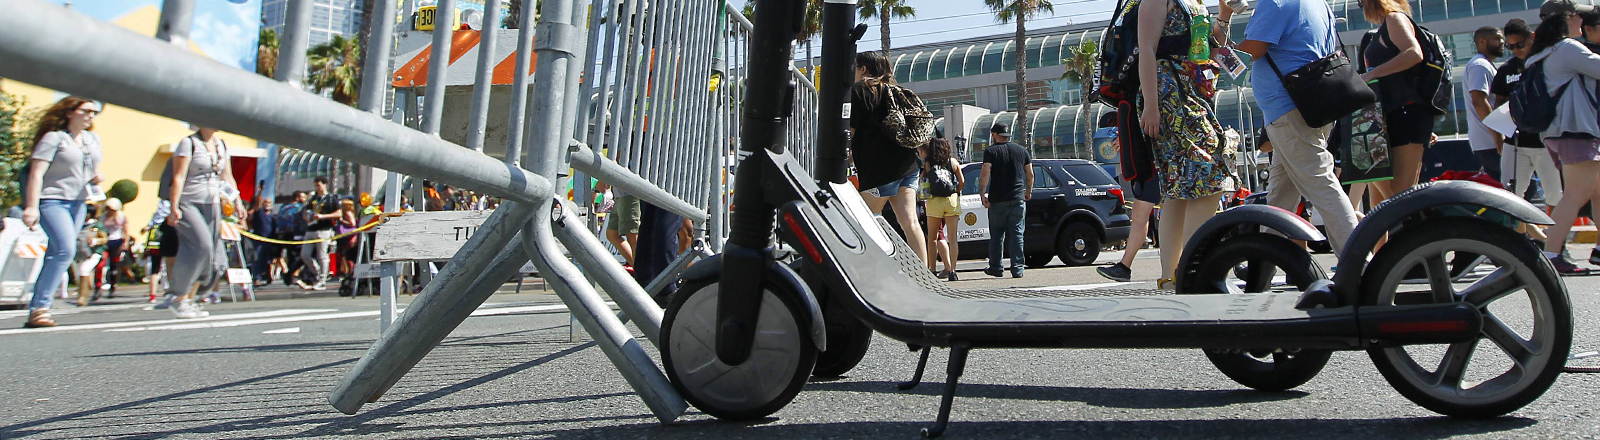 Ein E-Scooter steht auf der Straße.